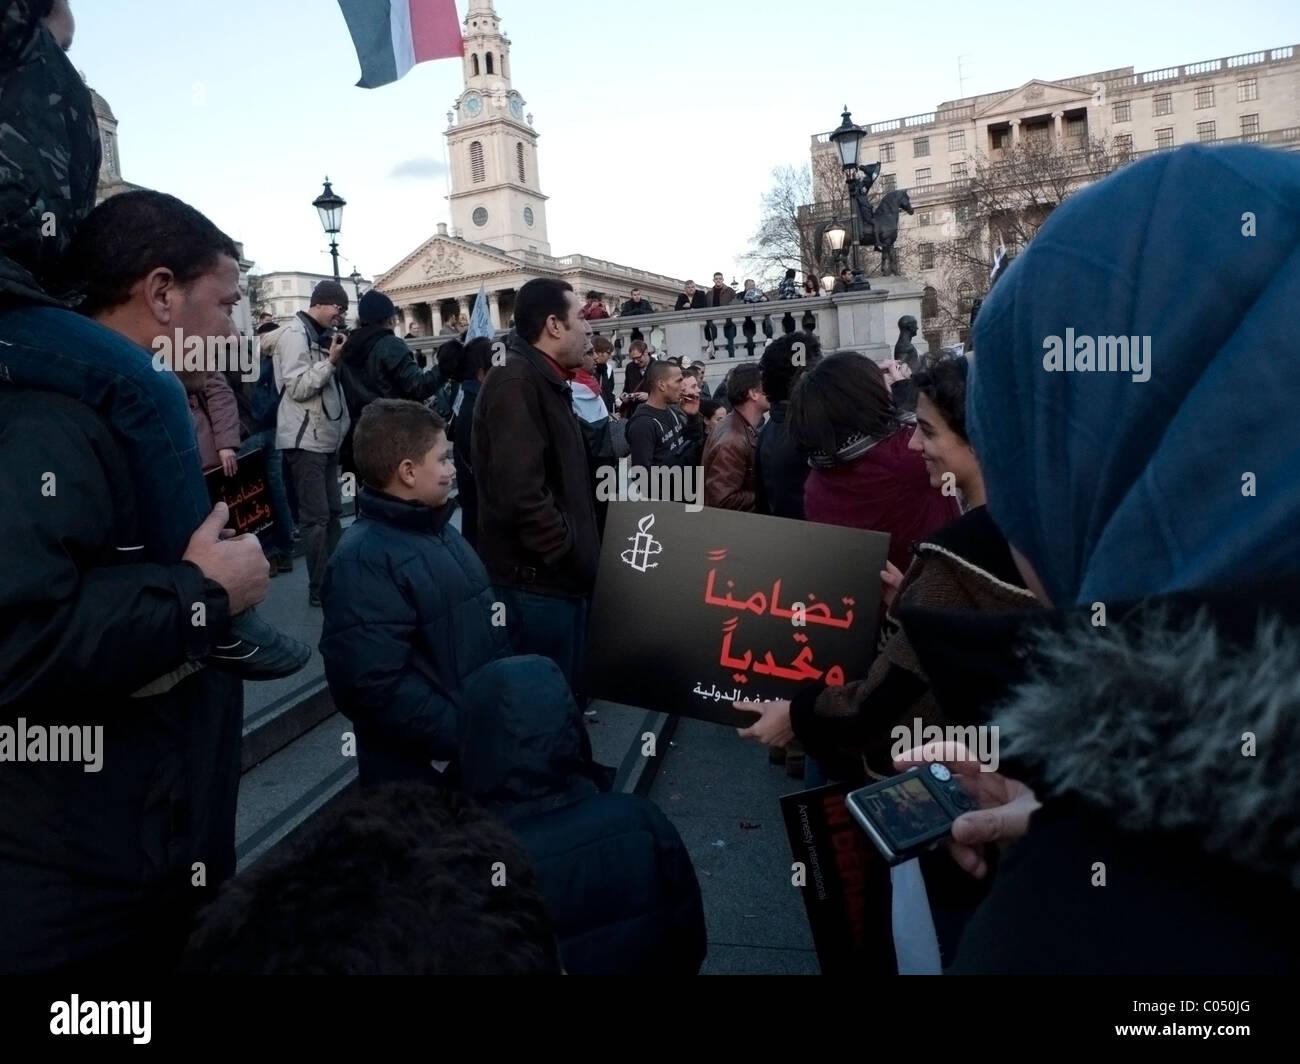 Los manifestantes palestinos y Egipto Egipto apoyo internacional La Primavera Árabe la revolución demo Imagen De Stock